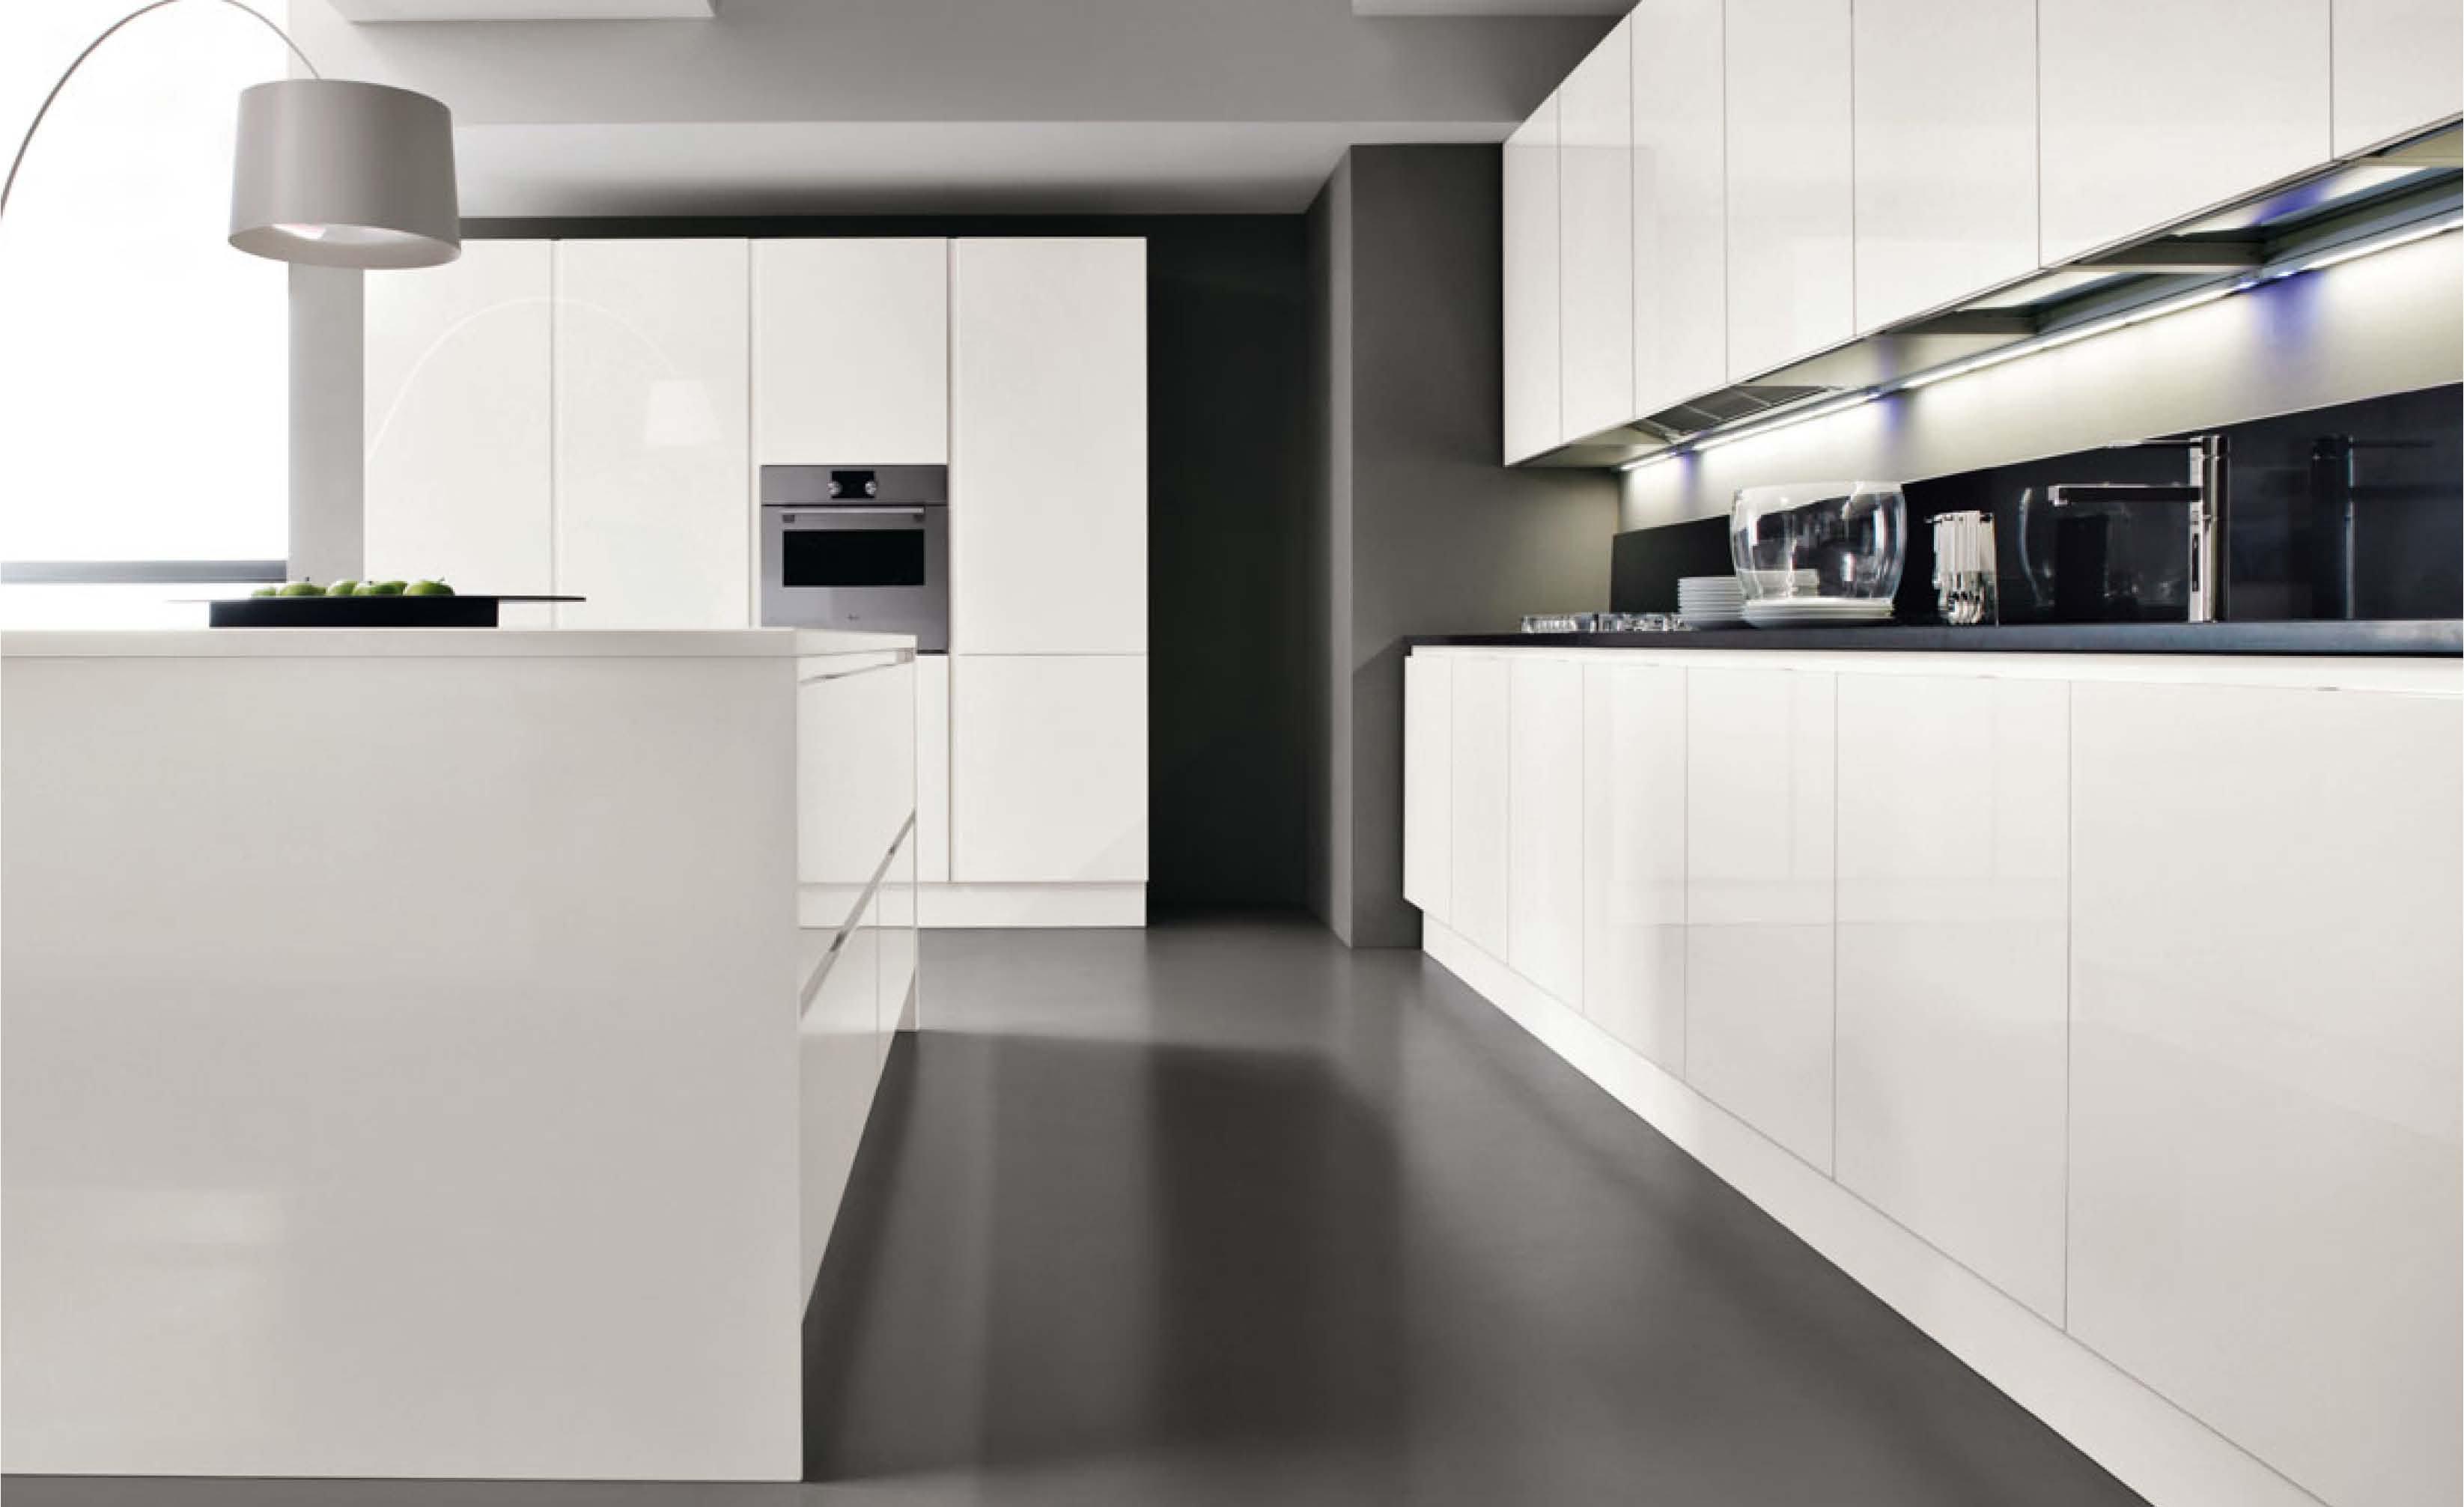 Cucina laccato bianco - Arredamento moderno